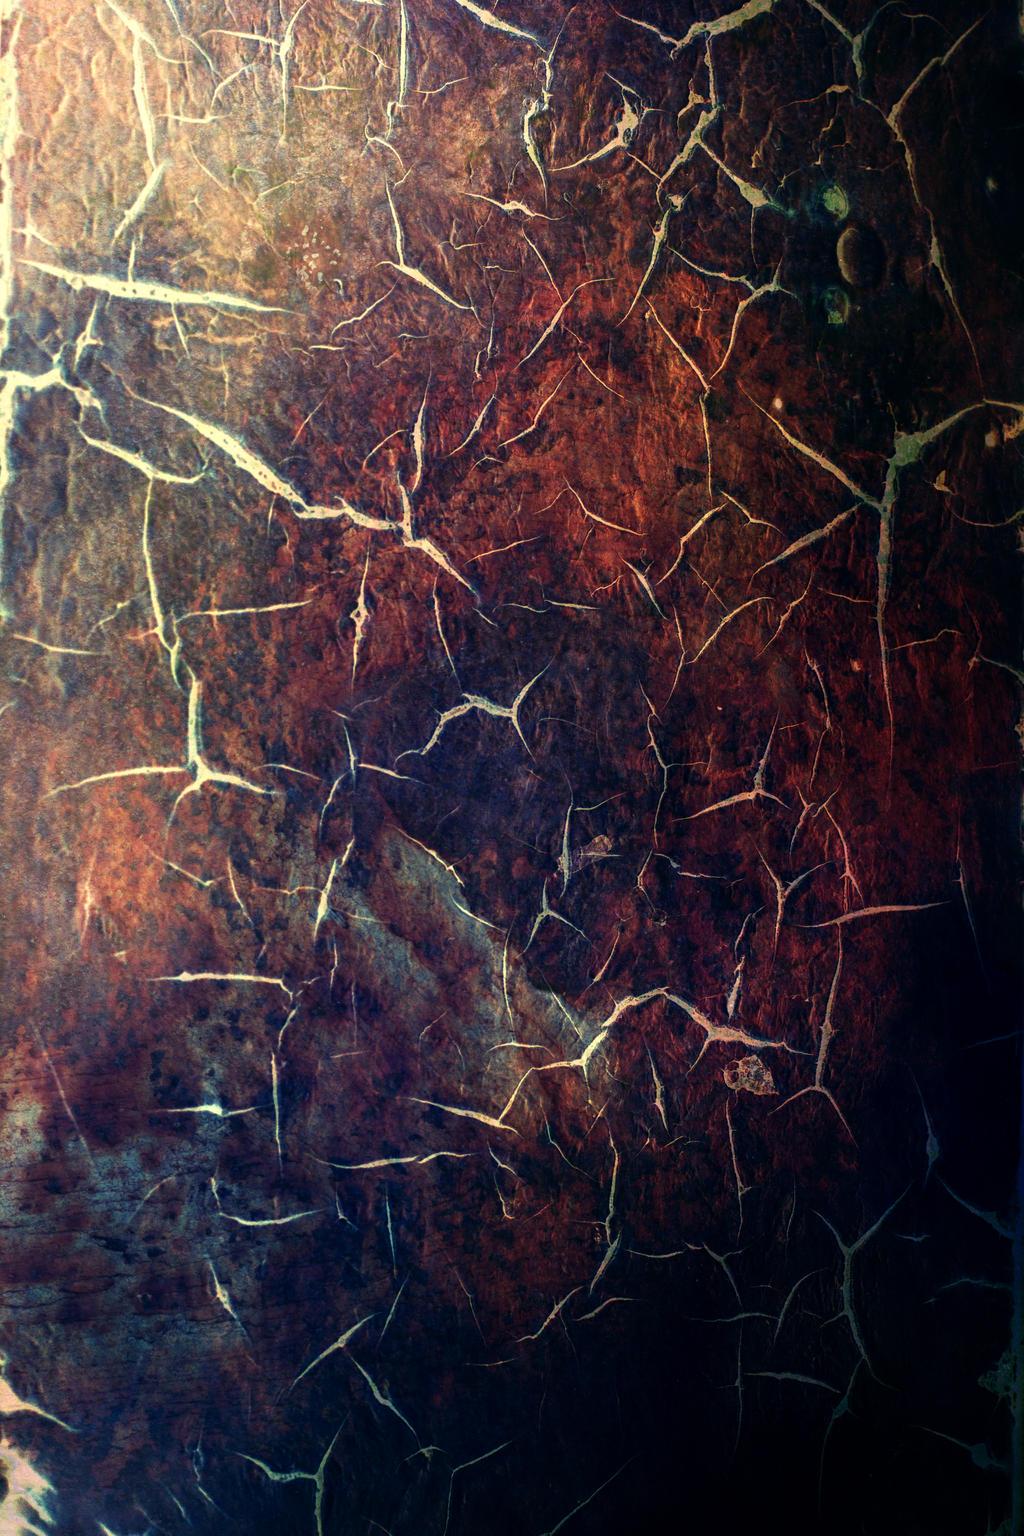 Texture 560 by Sirius-sdz